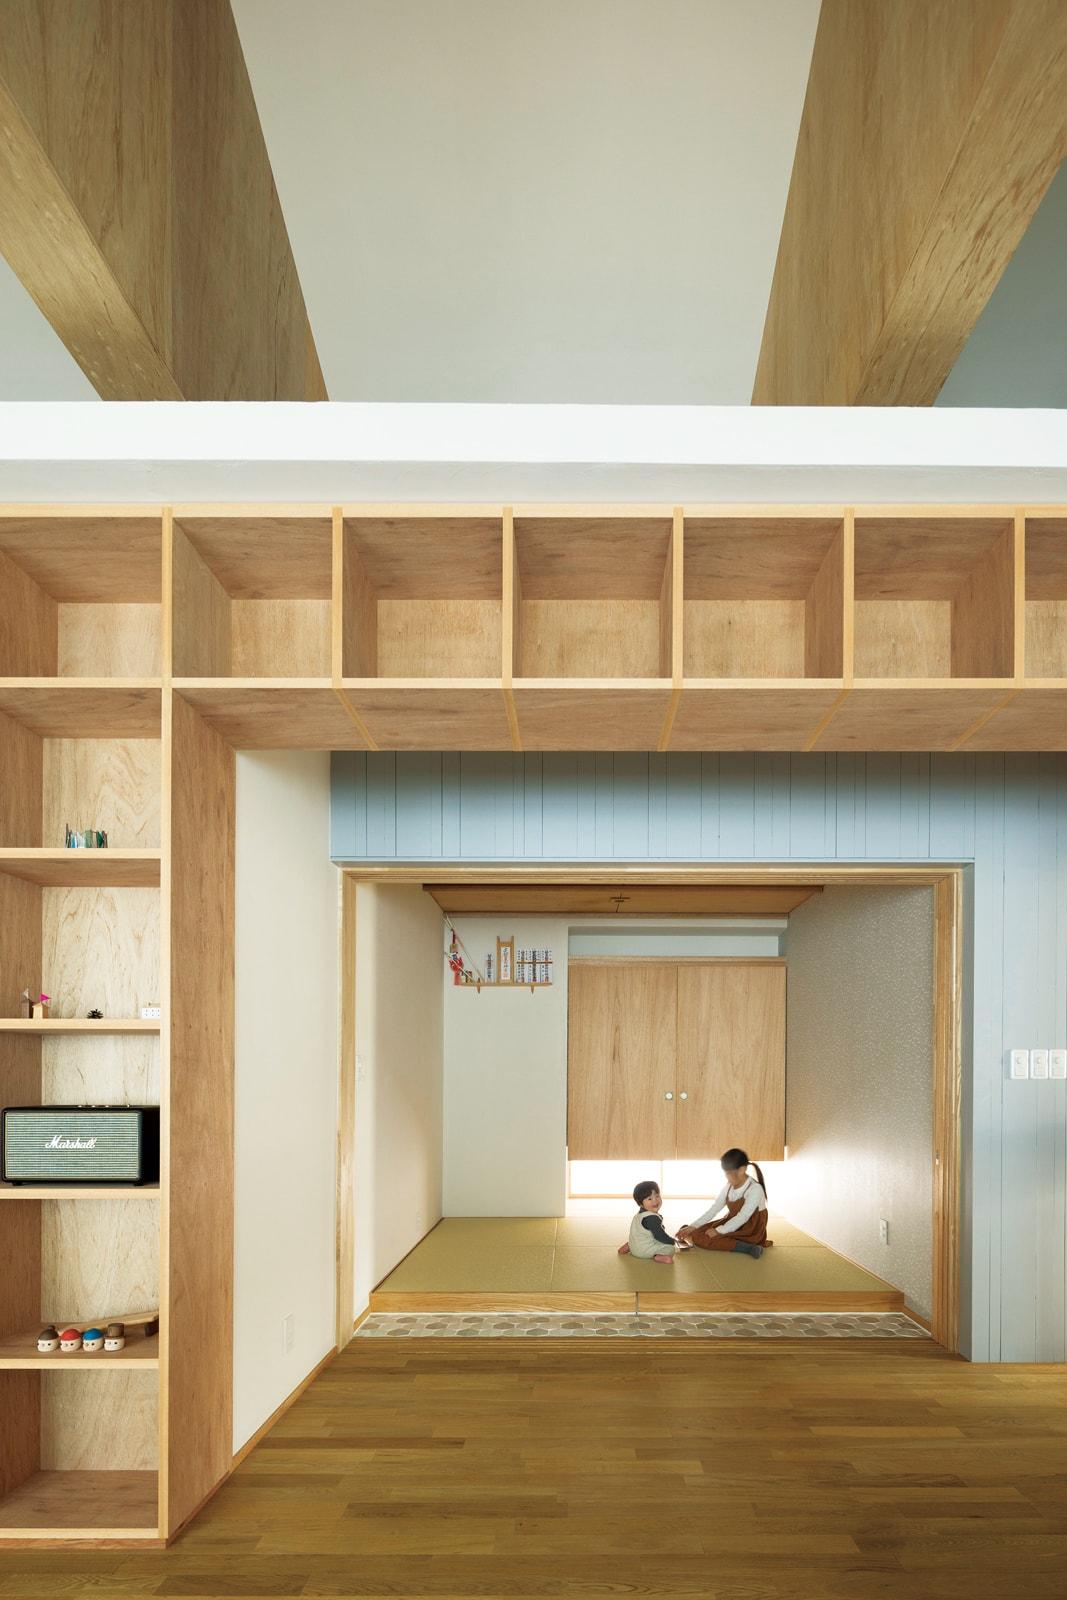 Fさんの要望のひとつだった和室。奥さんが好む北欧テイストにも調和するよう、大ぶりの琉球畳や一部にタイルが使われている